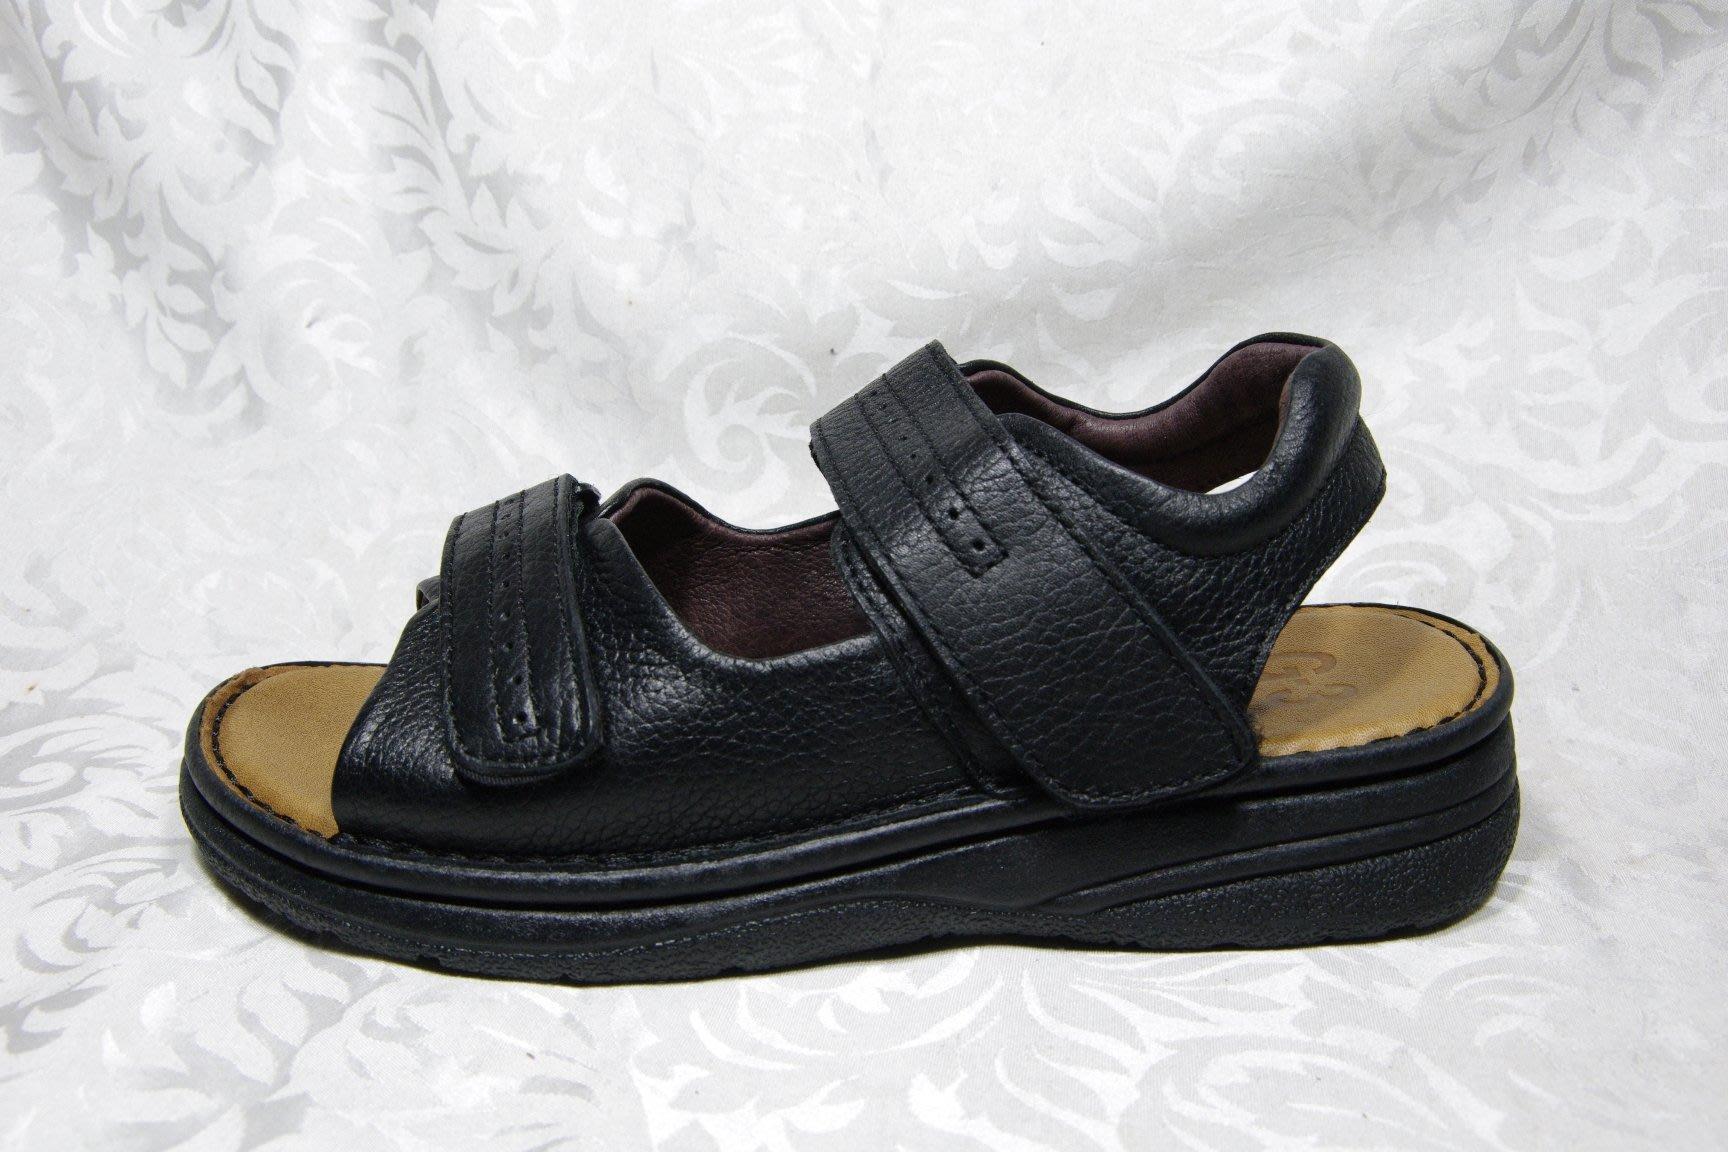 專櫃精品零碼出清-真皮氣墊鞋.好穿超舒適--1013-90